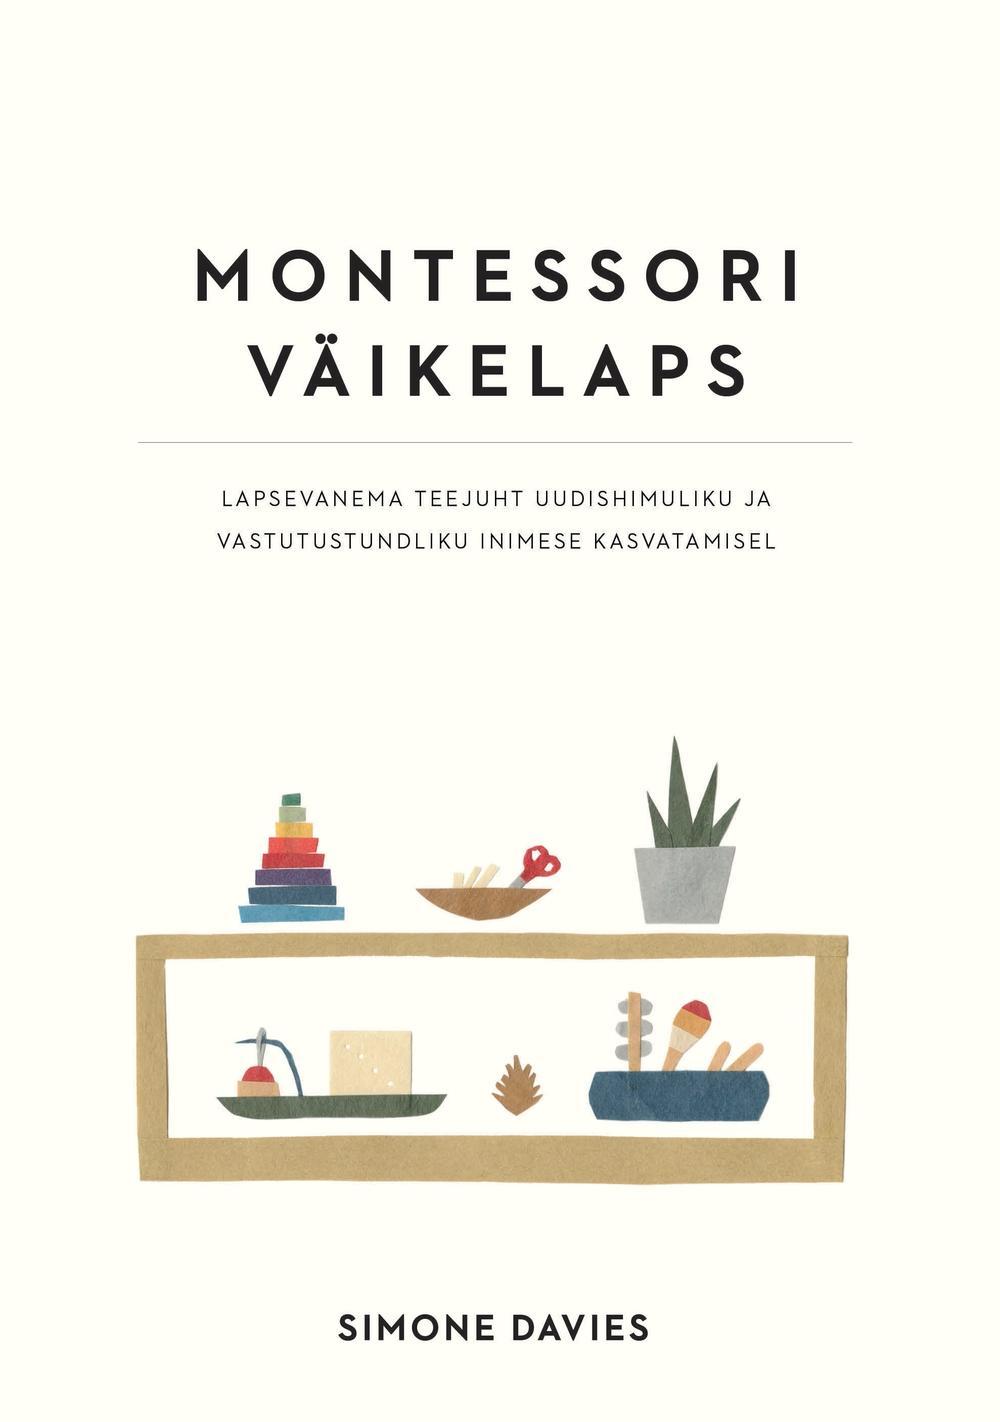 """Trükise """"Montessori väikelaps Lapsevanema teejuht uudishimuliku ja vastutustundliku inimese kasvatamisel"""" kaanepilt. Cover picture of """"Montessori väikelaps Lapsevanema teejuht uudishimuliku ja vastutustundliku inimese kasvatamisel""""."""